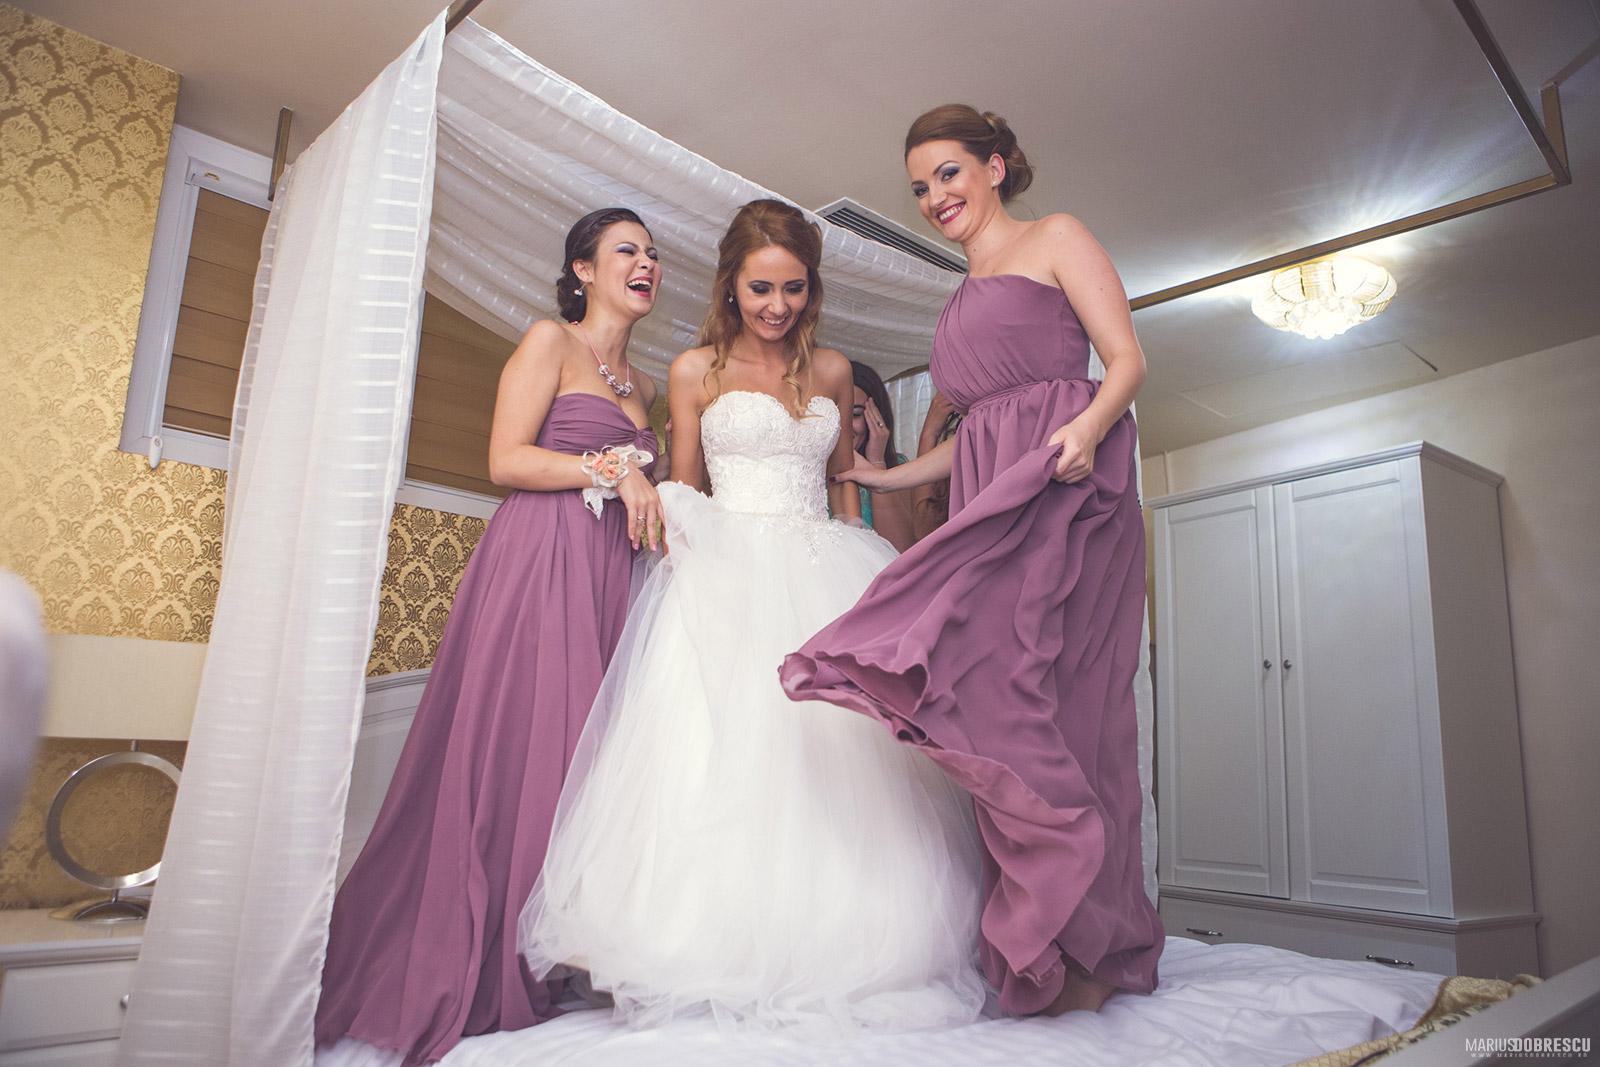 Fotografii nunta Bucuresti - Irina & Adrian | Marius Dobrescu - Fotograf Nunta